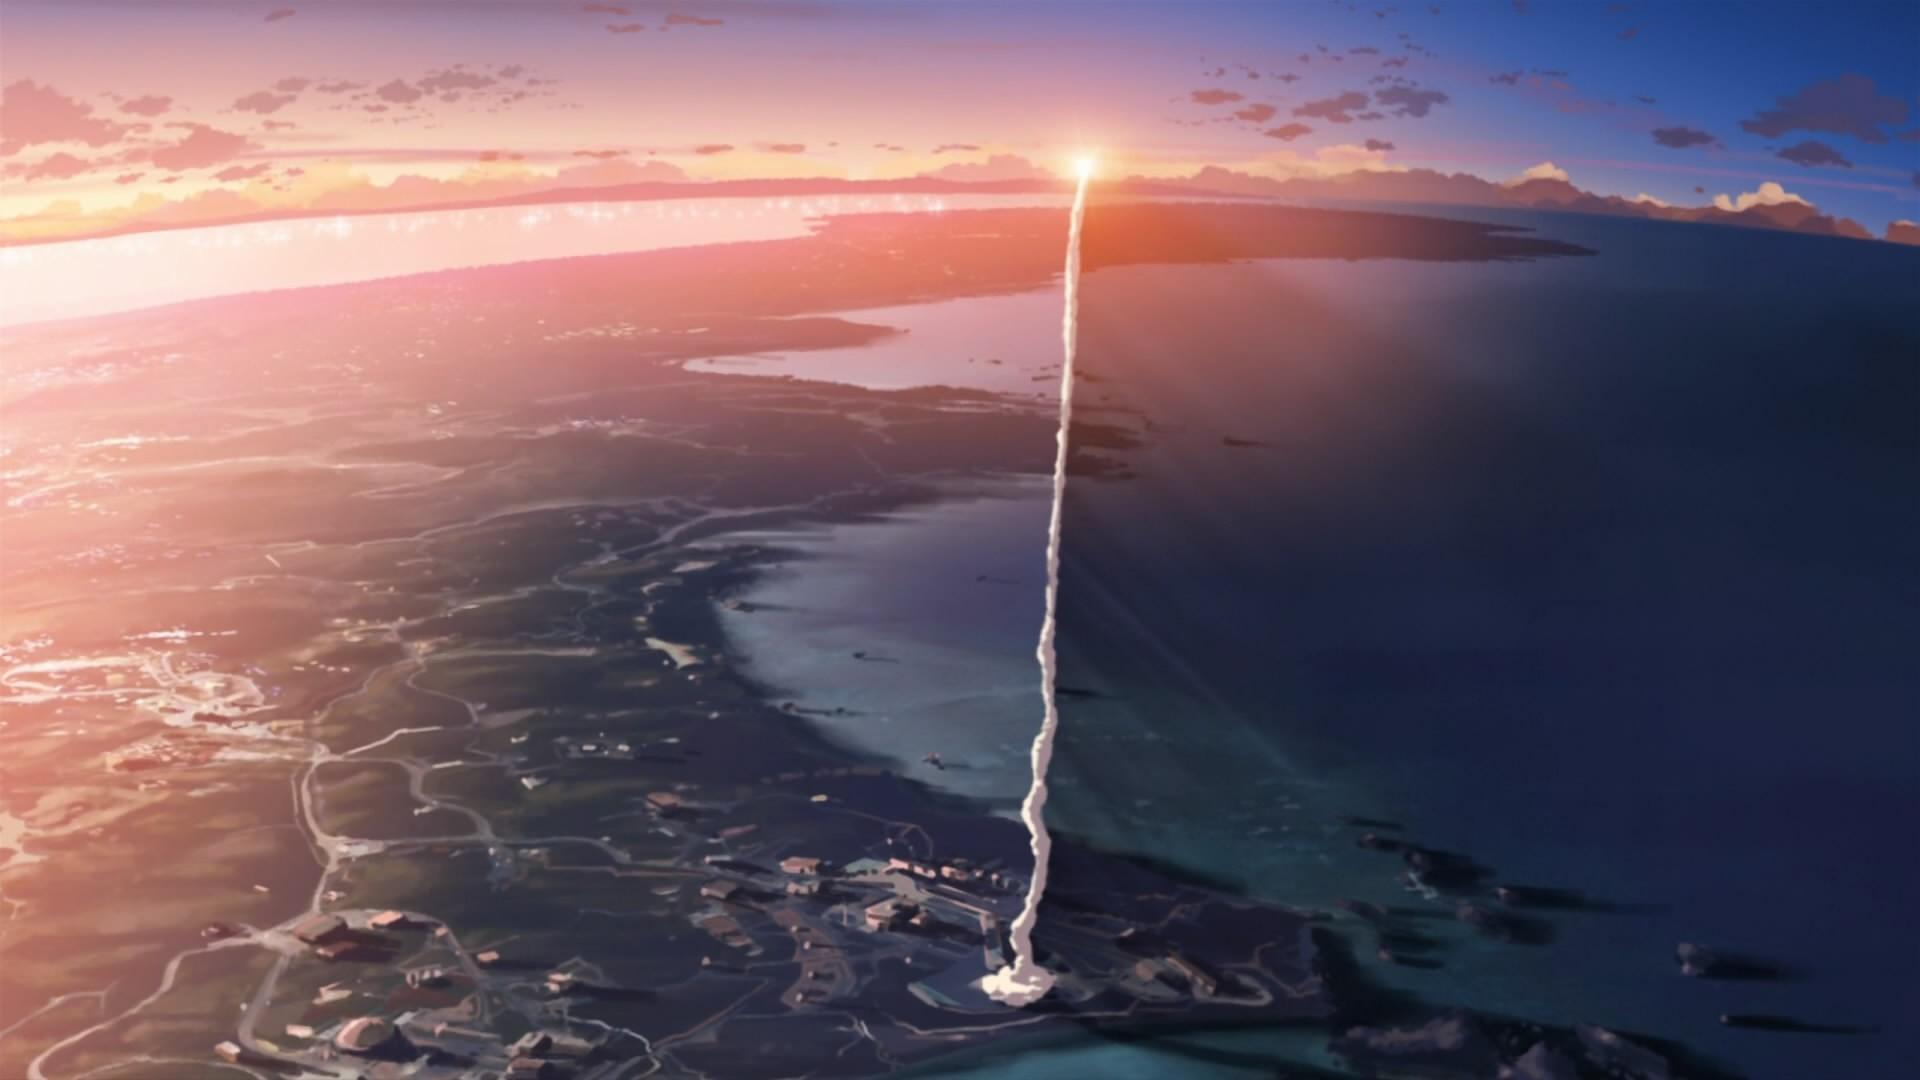 Sfondi Giappone Tramonto Mare Anime Riflessione Fumo Film Alba Costa Orizzonte Mantellina 5 Centimetri Al Secondo Artico Crepuscolo Razzo